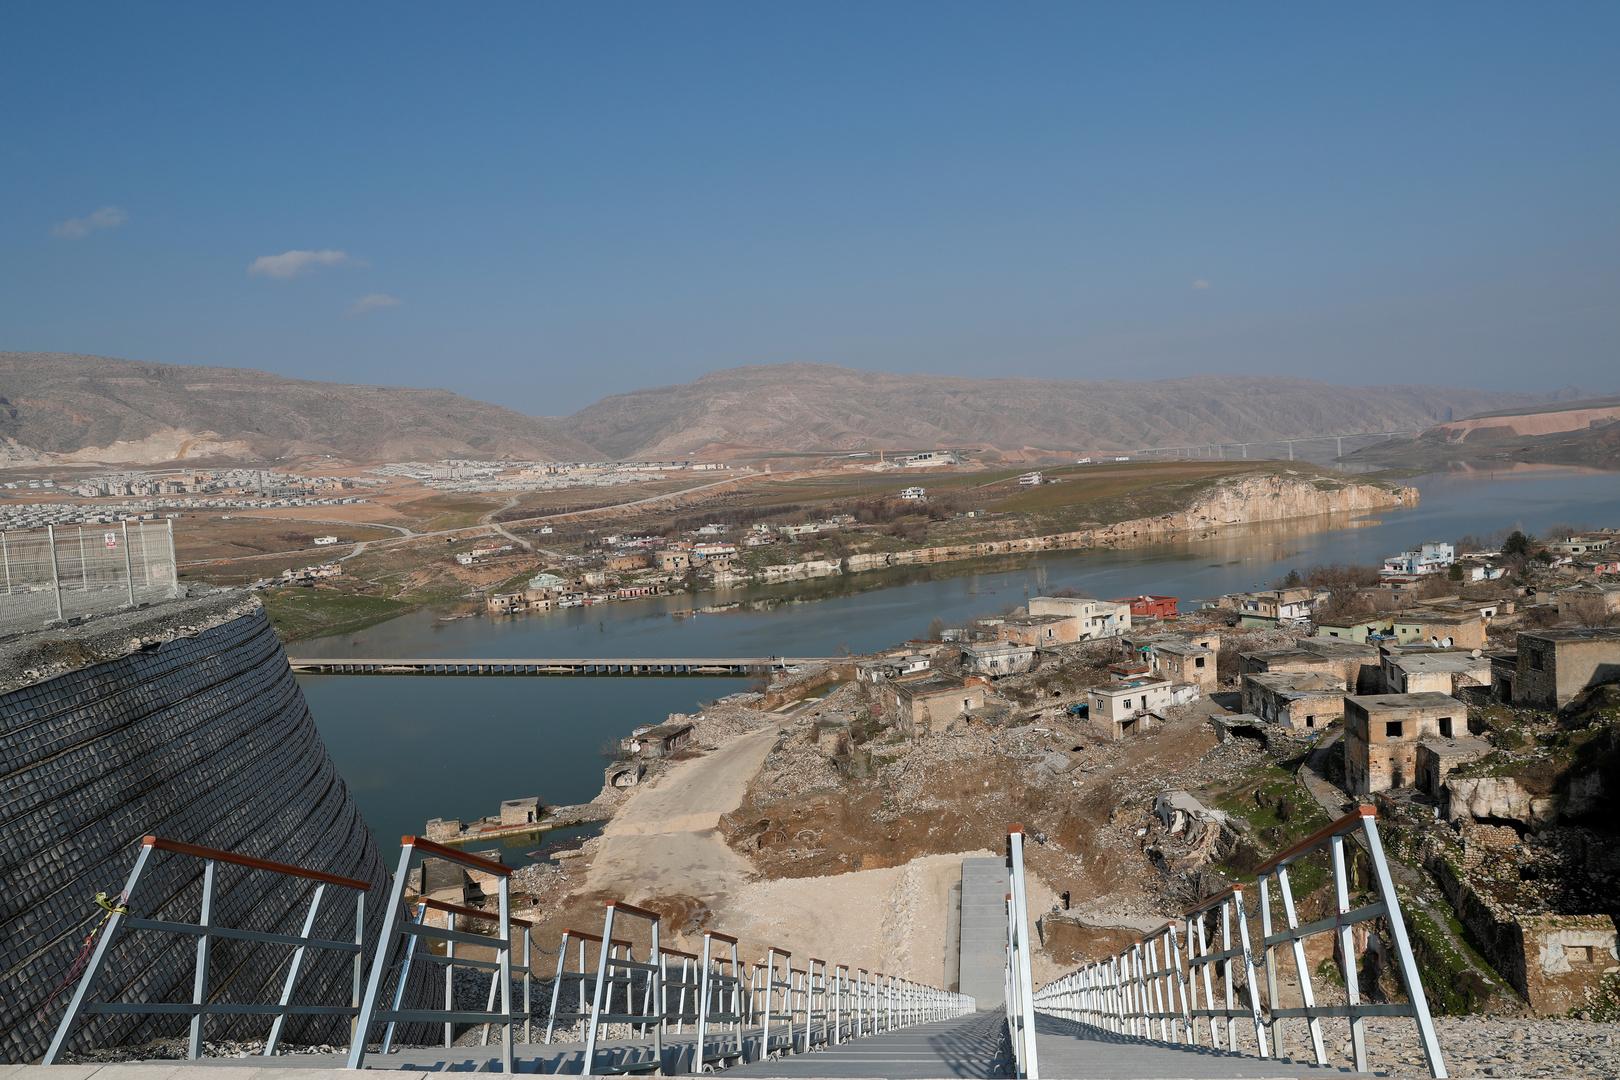 جانب من سد إليسو التركي على نهر دجلة وقرية حسنكيف التي تمت إزالة جزء منها بسبب إقامة المنشأ.